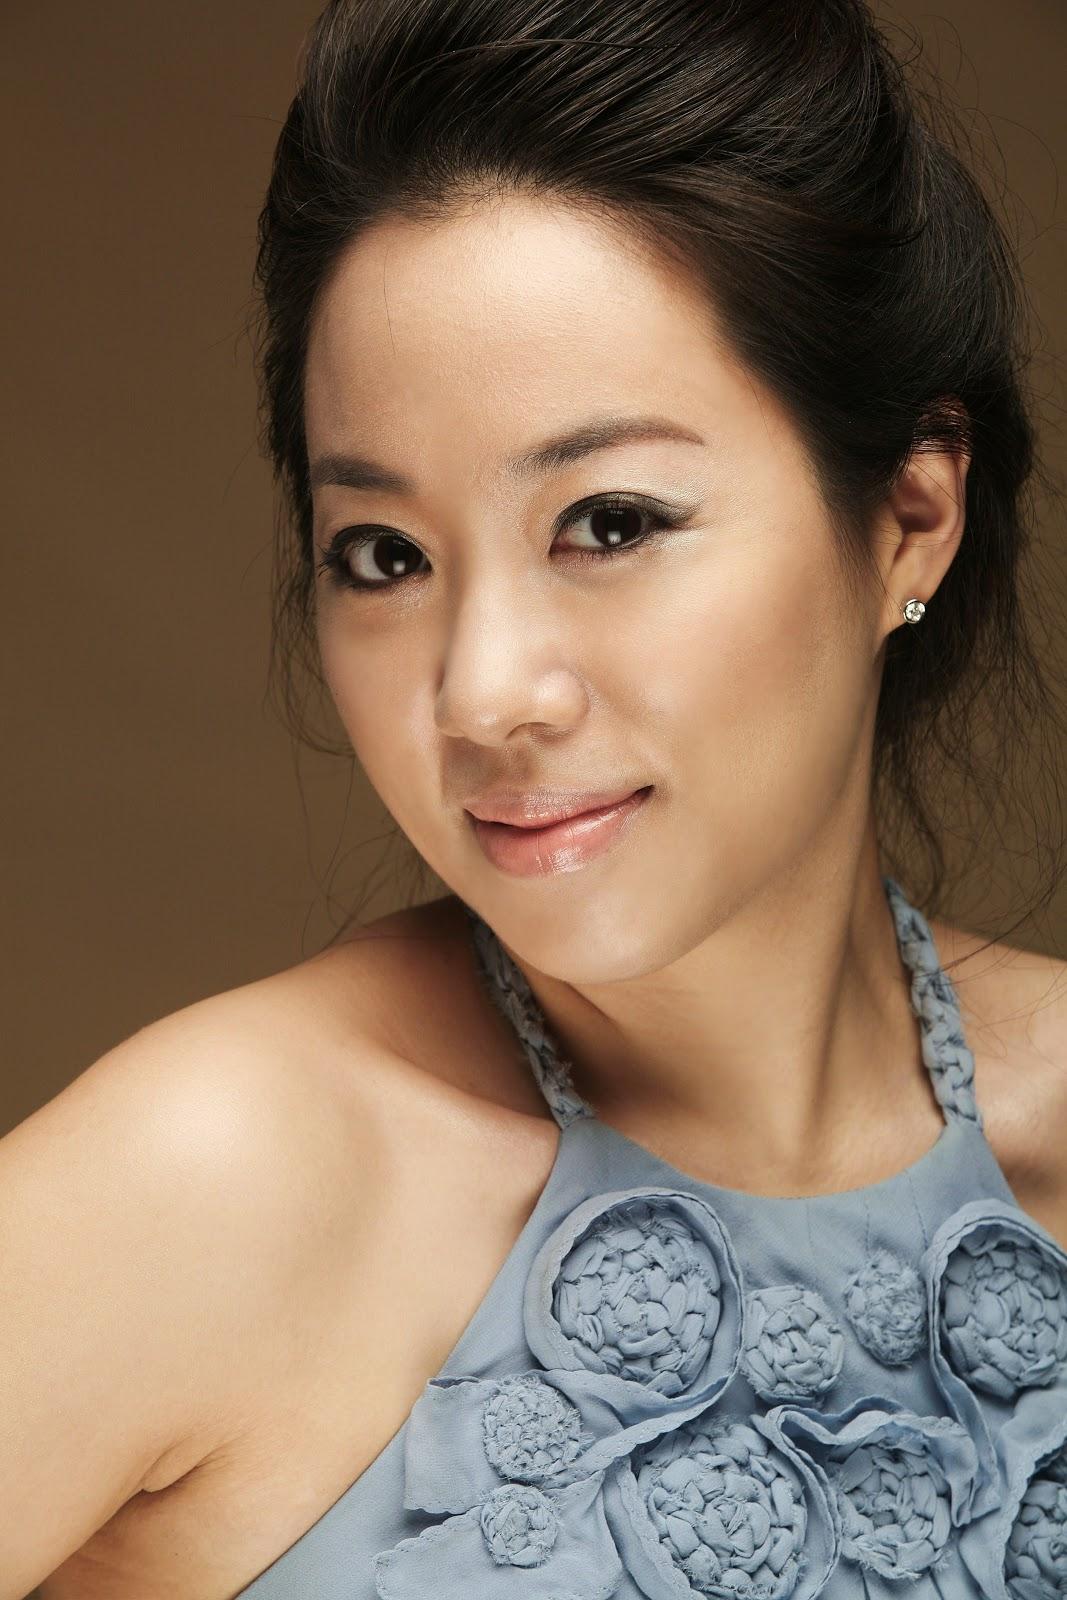 Sang Joon Park (Flutist): December 2012